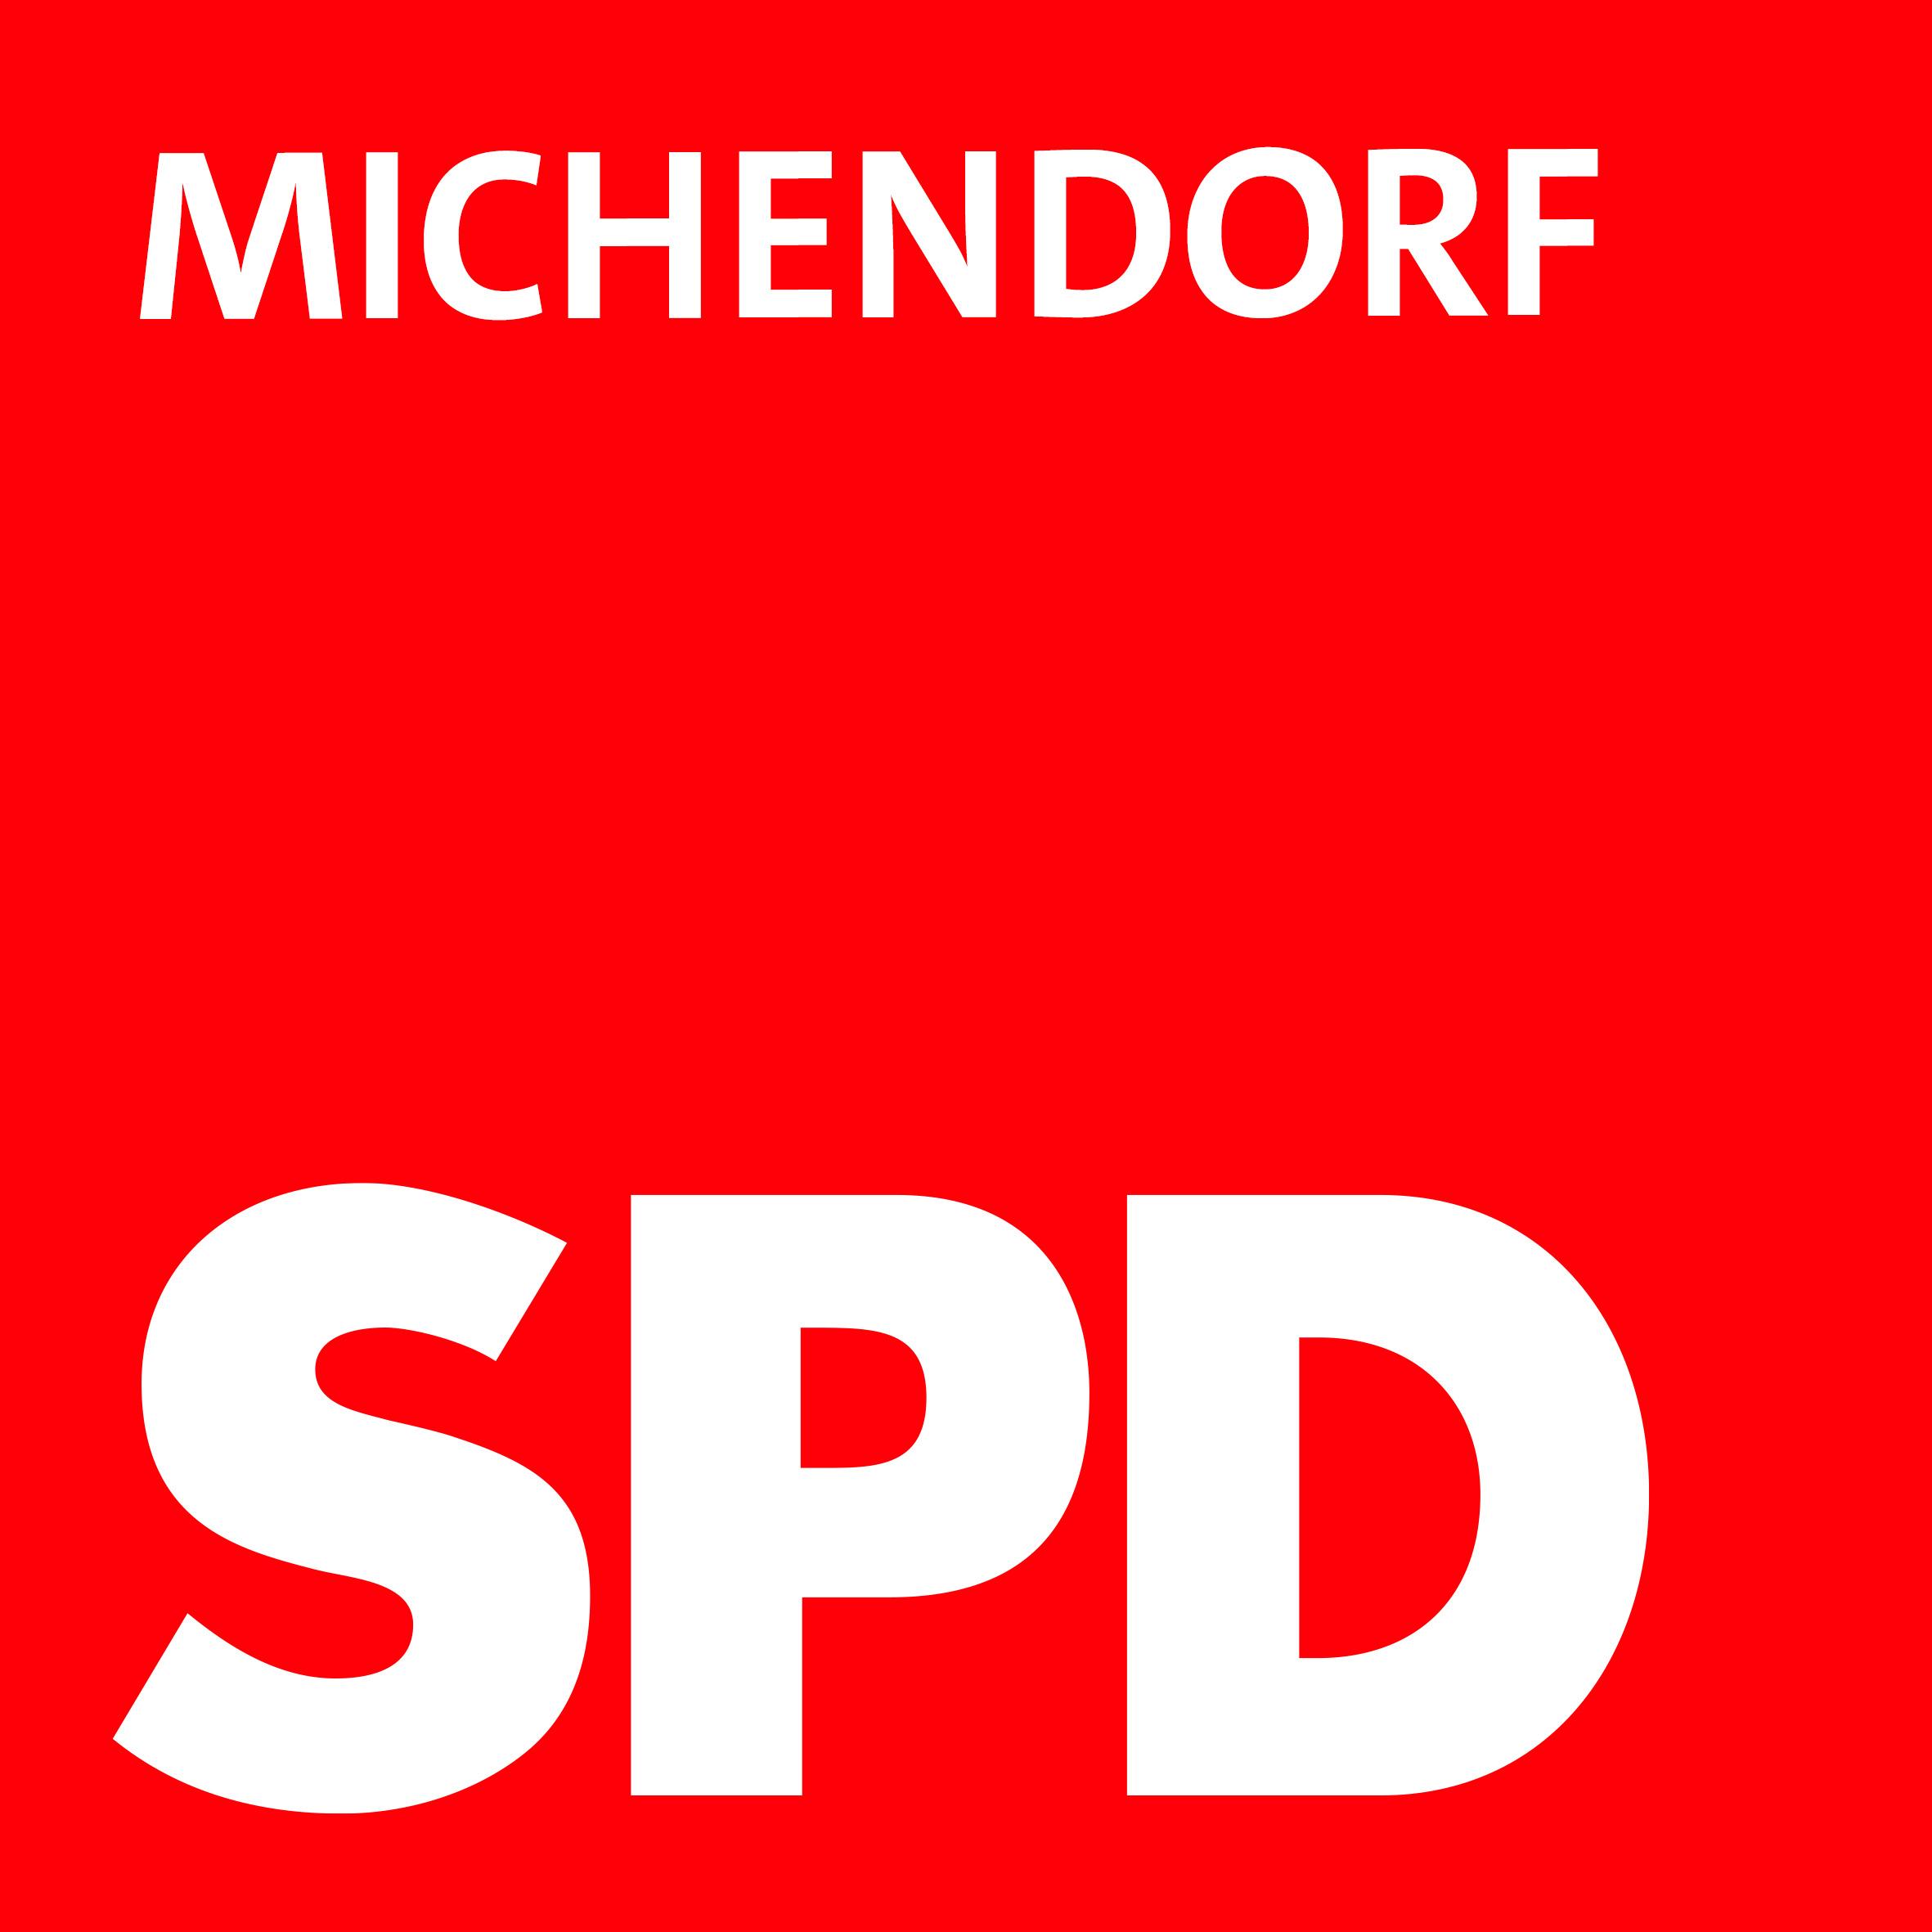 SPD Michendorf